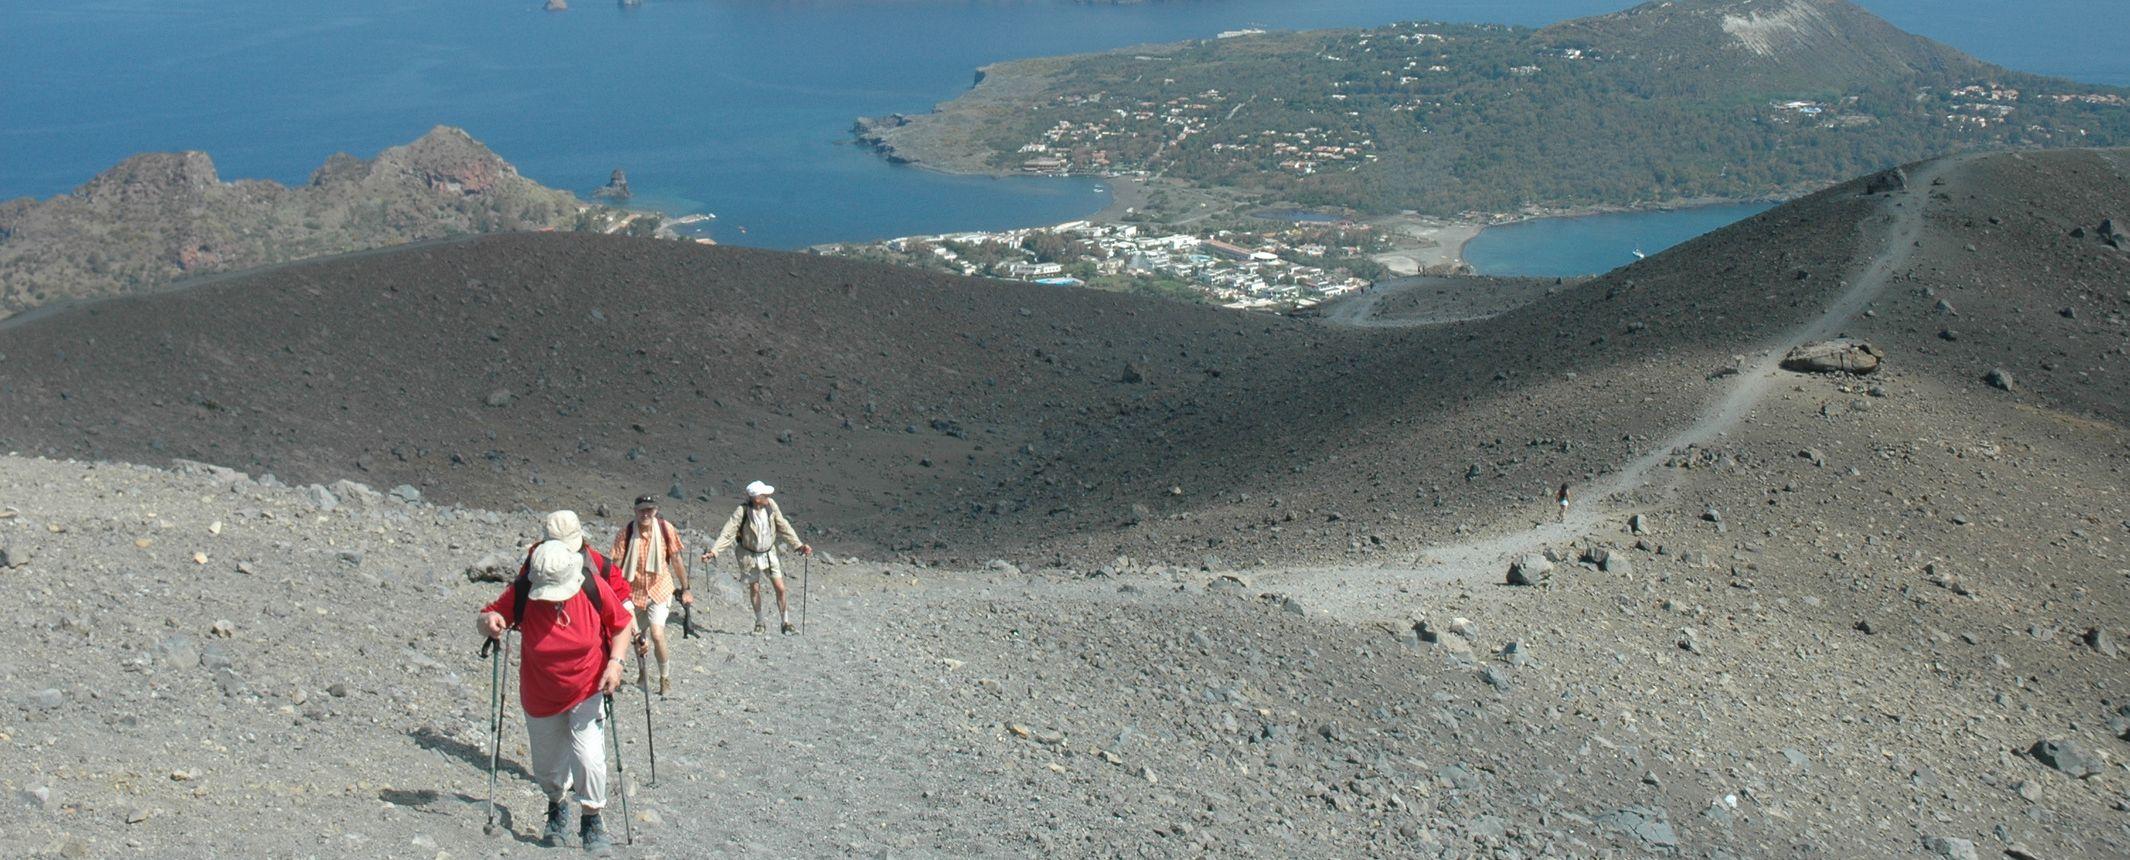 Italia - Senderismo en los volcanes de Sicilia e Islas Eolias